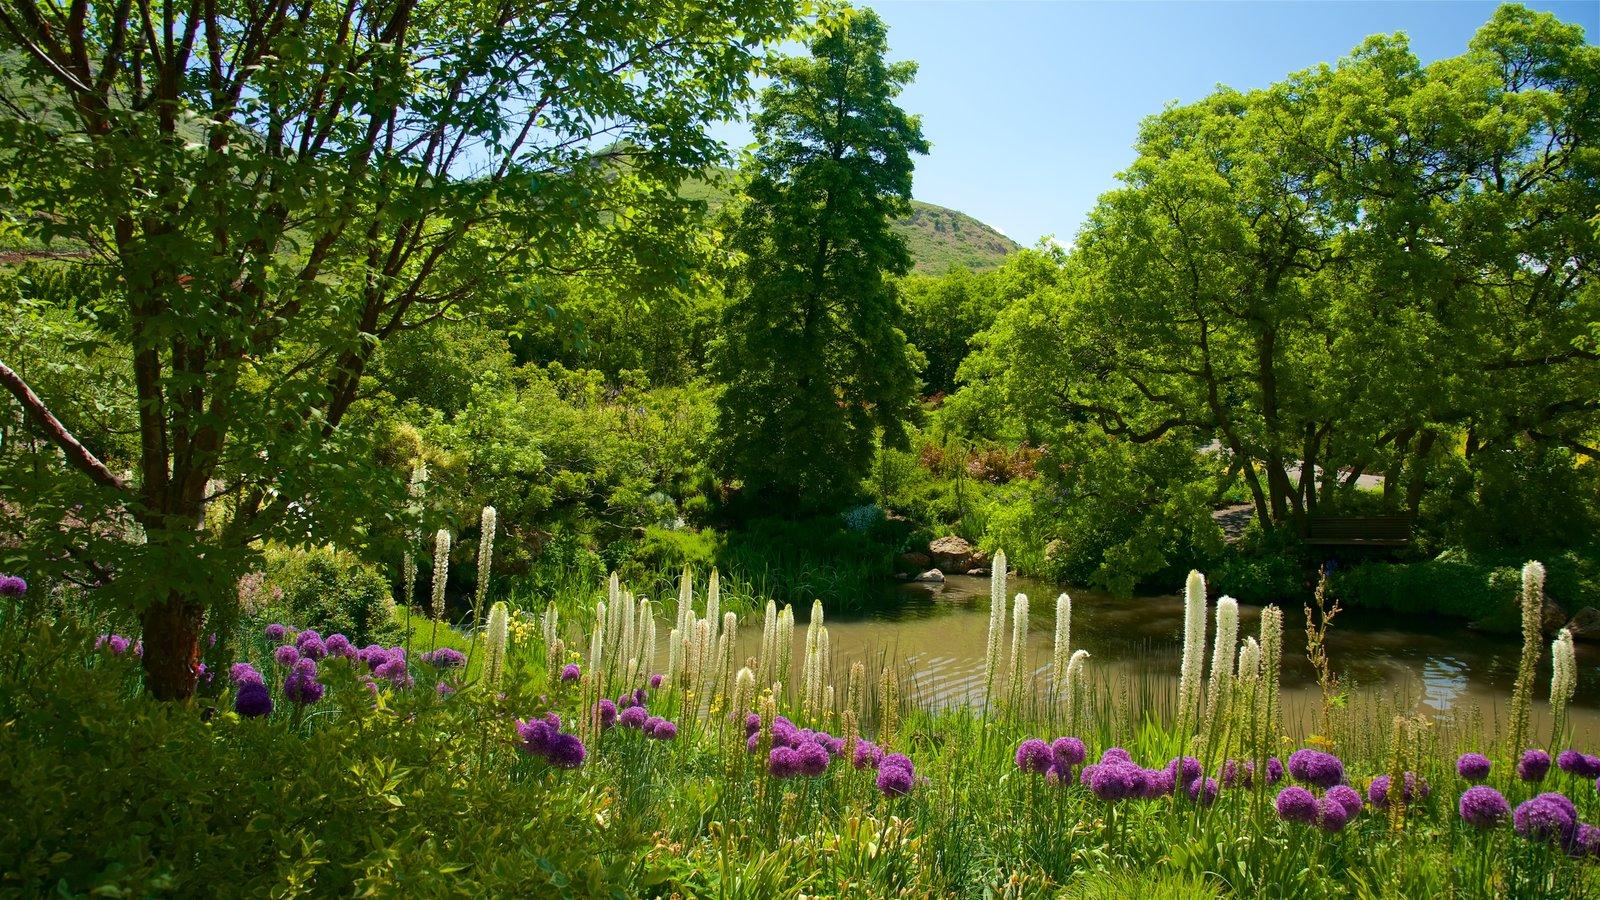 Jardín y arboretum Red Butte ofreciendo un parque, flores y un río o arroyo